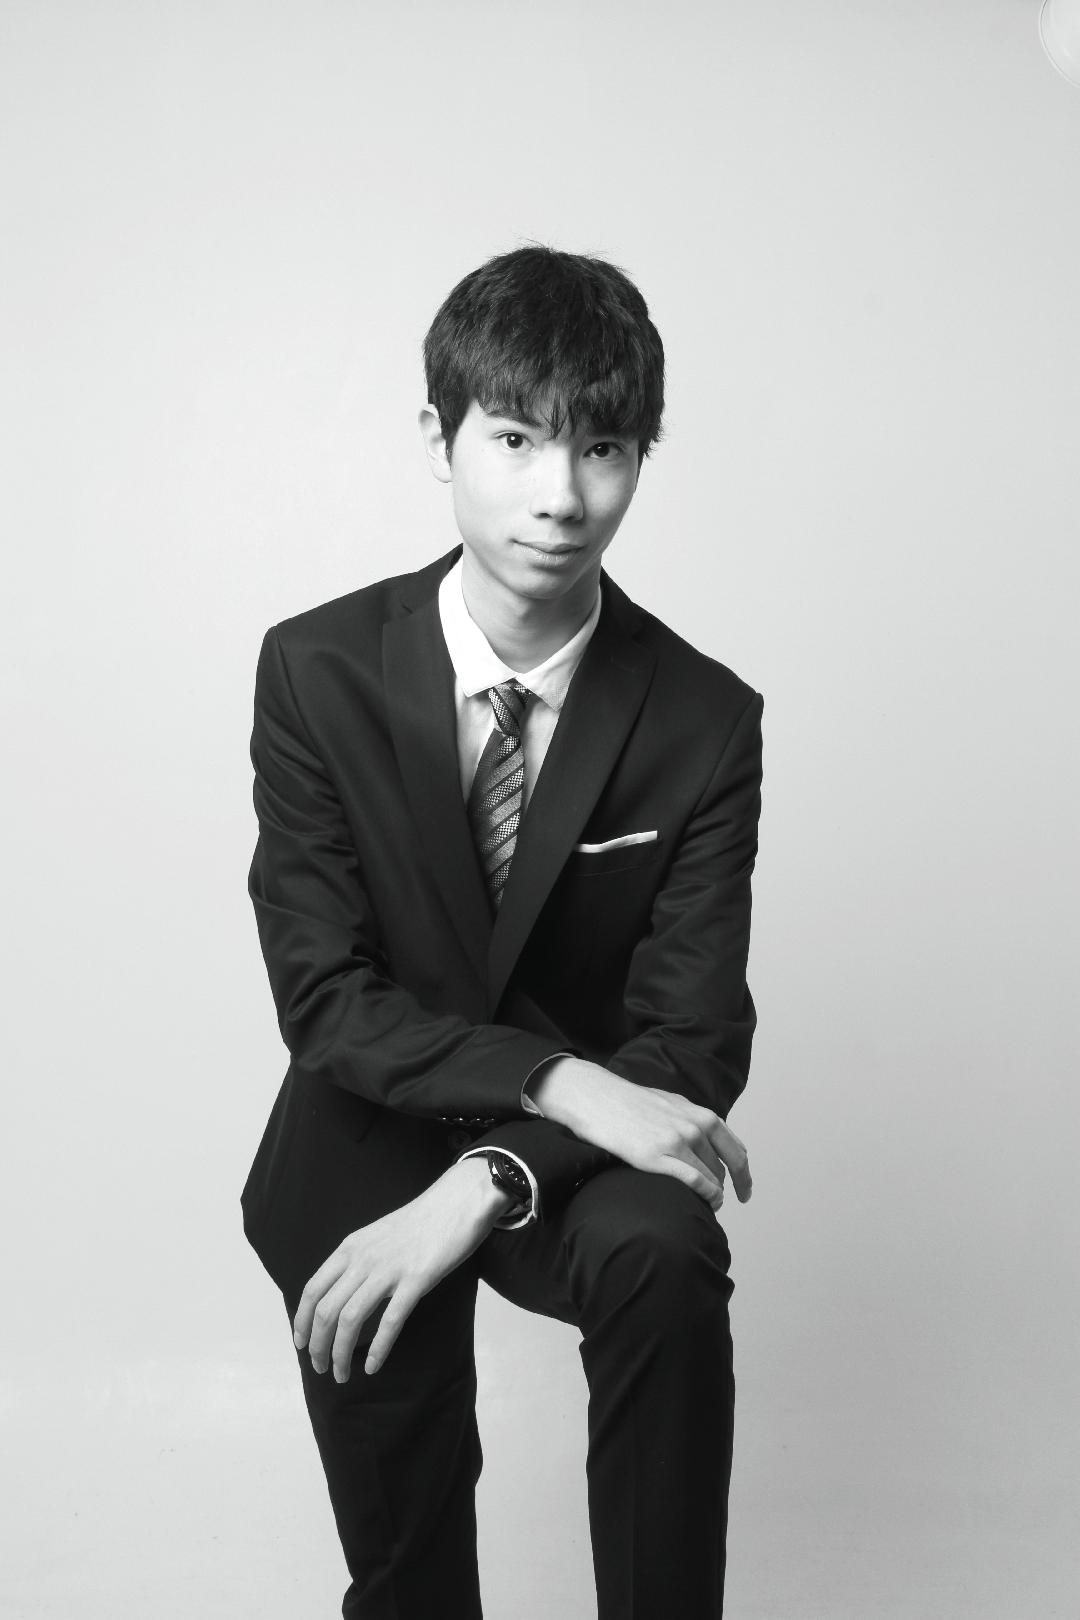 Josh Hashimoto